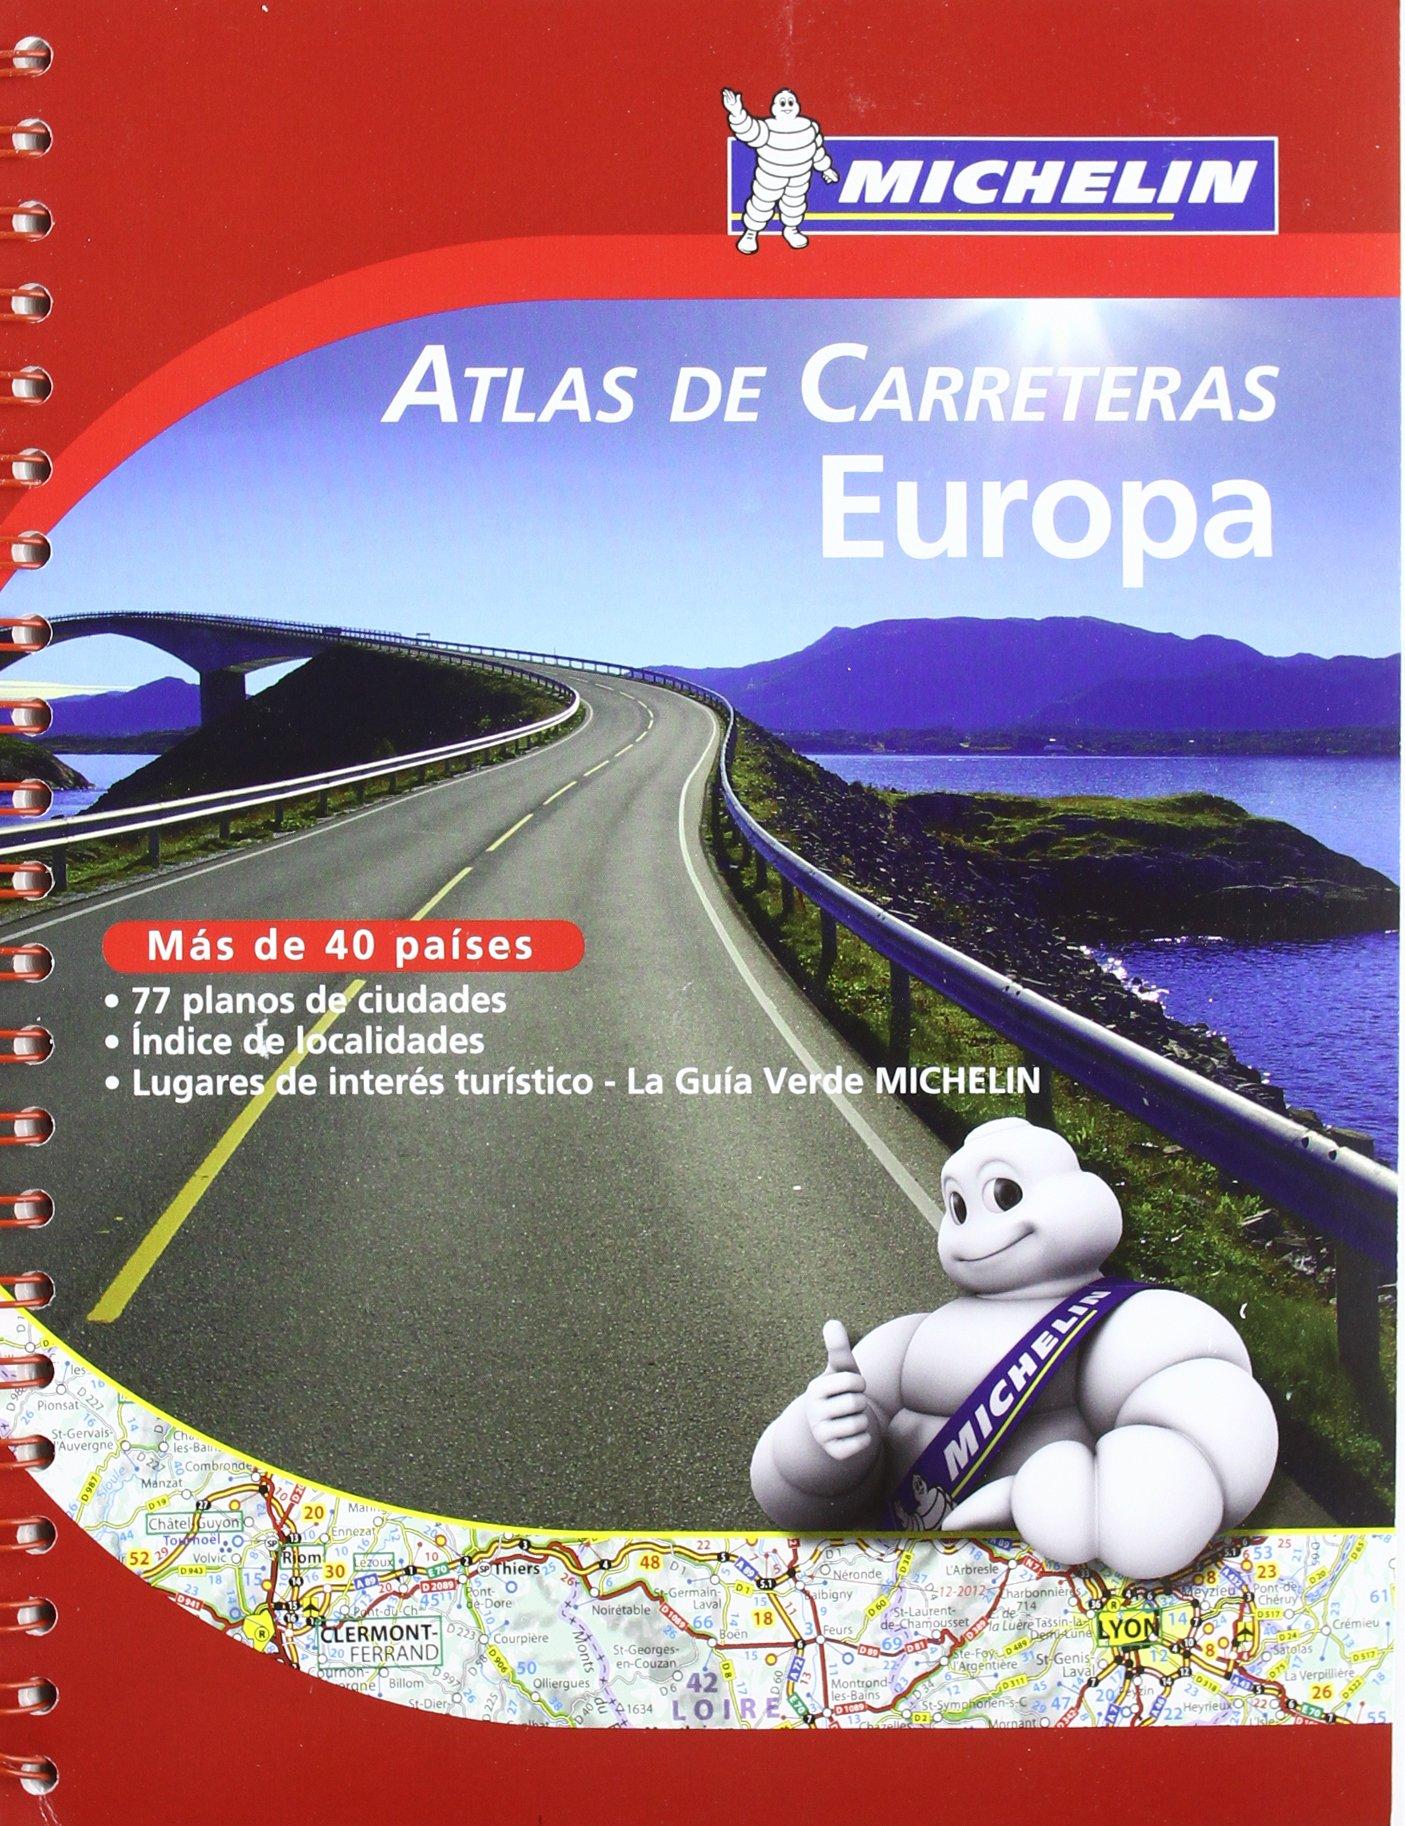 Europa Atlas De Carreteras Atlas De Carreteras Michelin Amazon Es